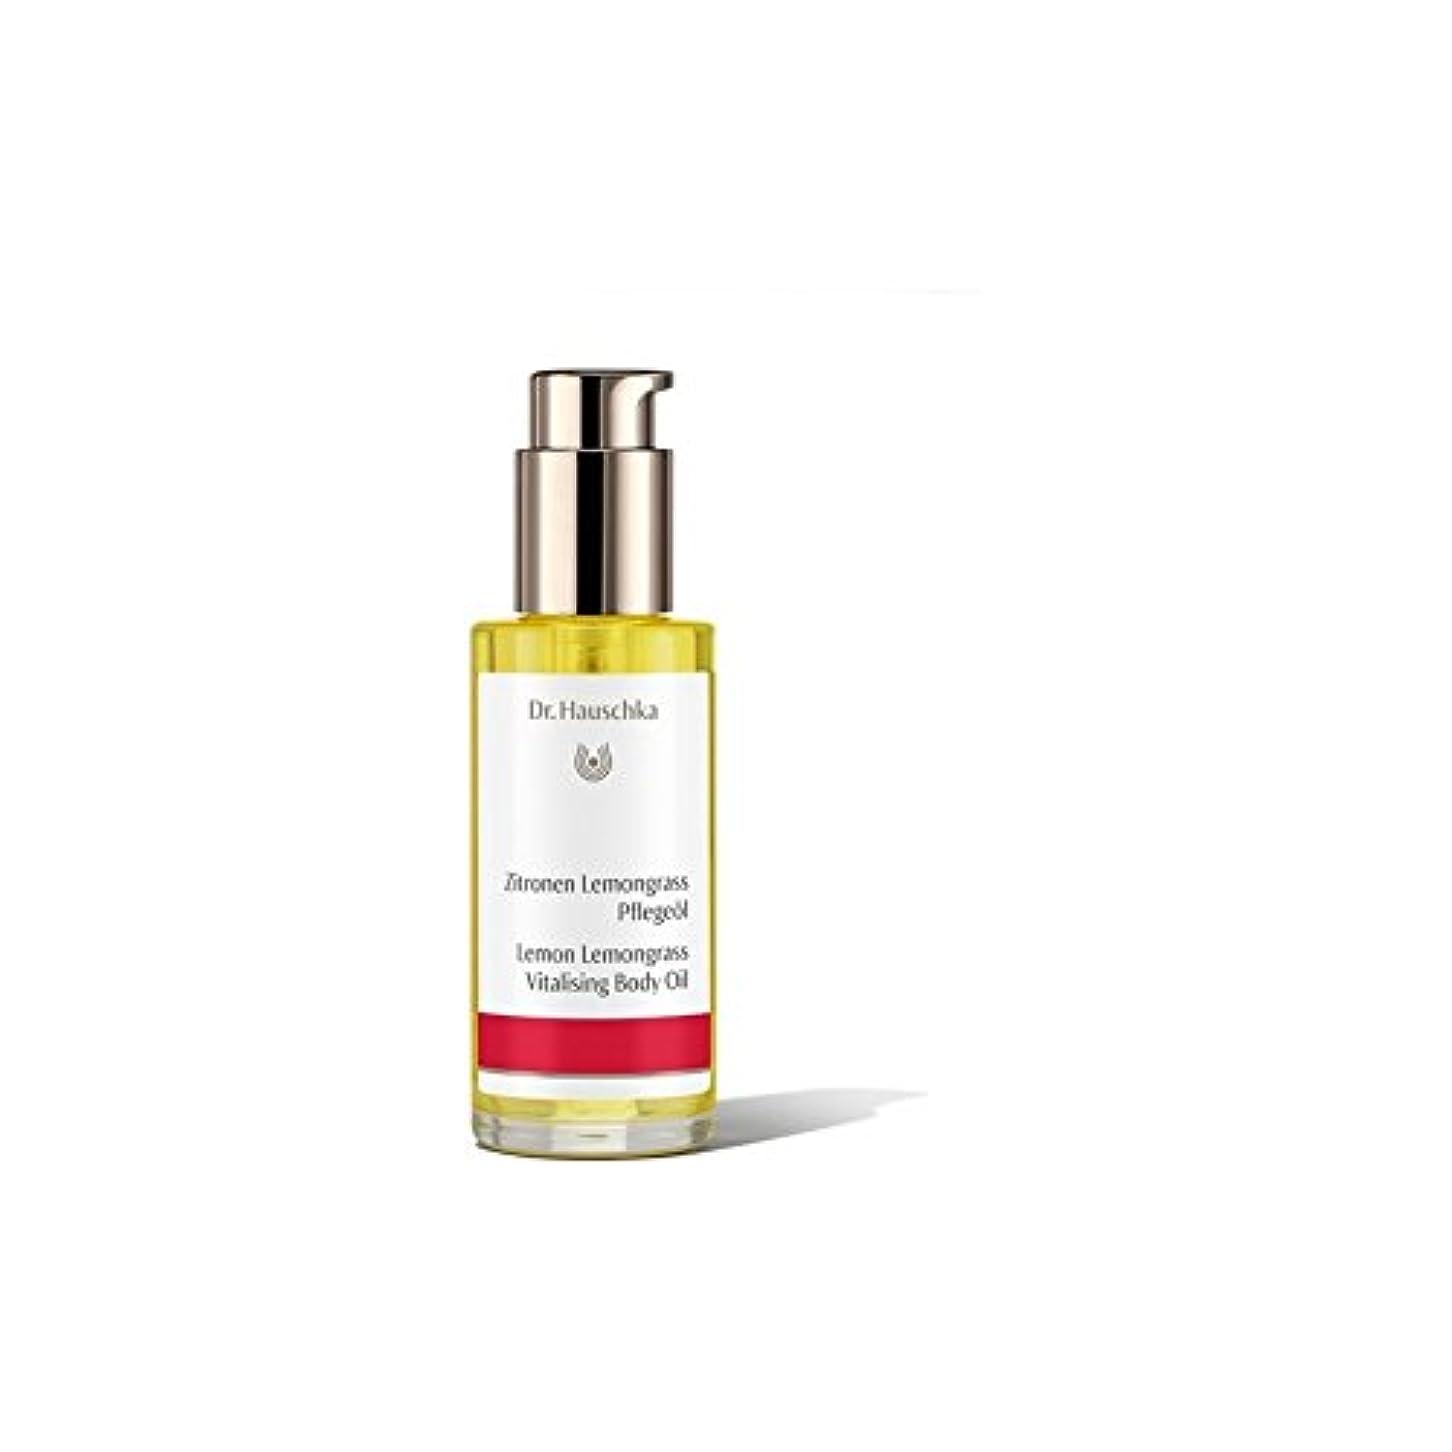 下品鼻選択ハウシュカレモンレモングラスボディオイル(75ミリリットル) x4 - Dr. Hauschka Lemon Lemongrass Vitalising Body Oil (75ml) (Pack of 4) [並行輸入品]